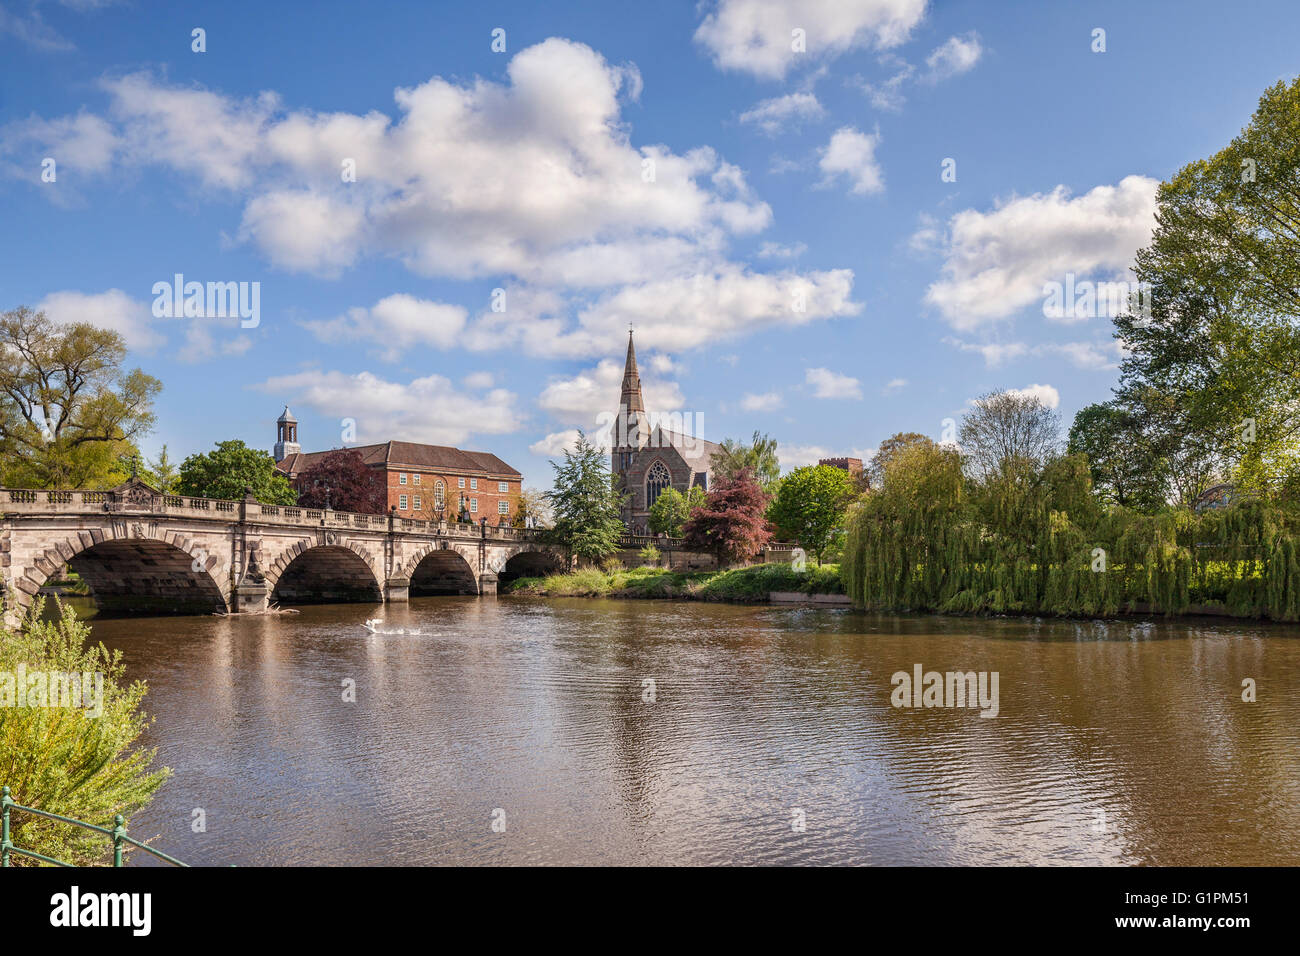 The English Bridge on the River Severn, Shrewsbury, Shropshire, England, UK - Stock Image